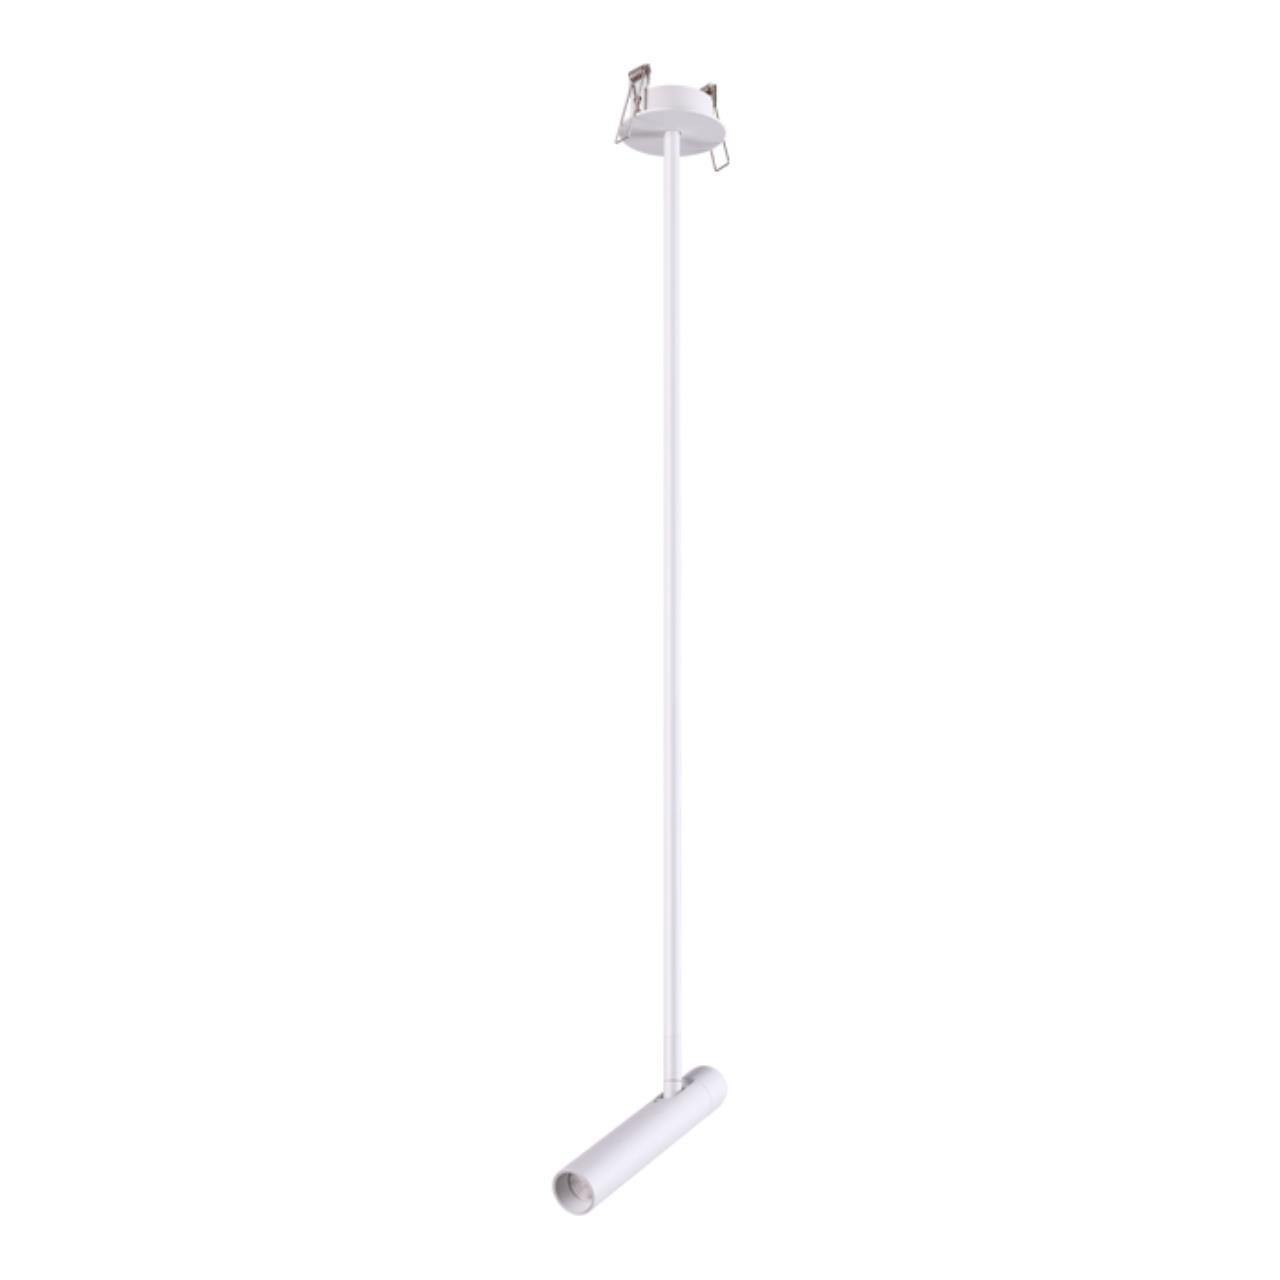 357945 SPOT NT19 025 белый Встраиваемый светильник IP20 LED 3000К 5W 220-240V MONS